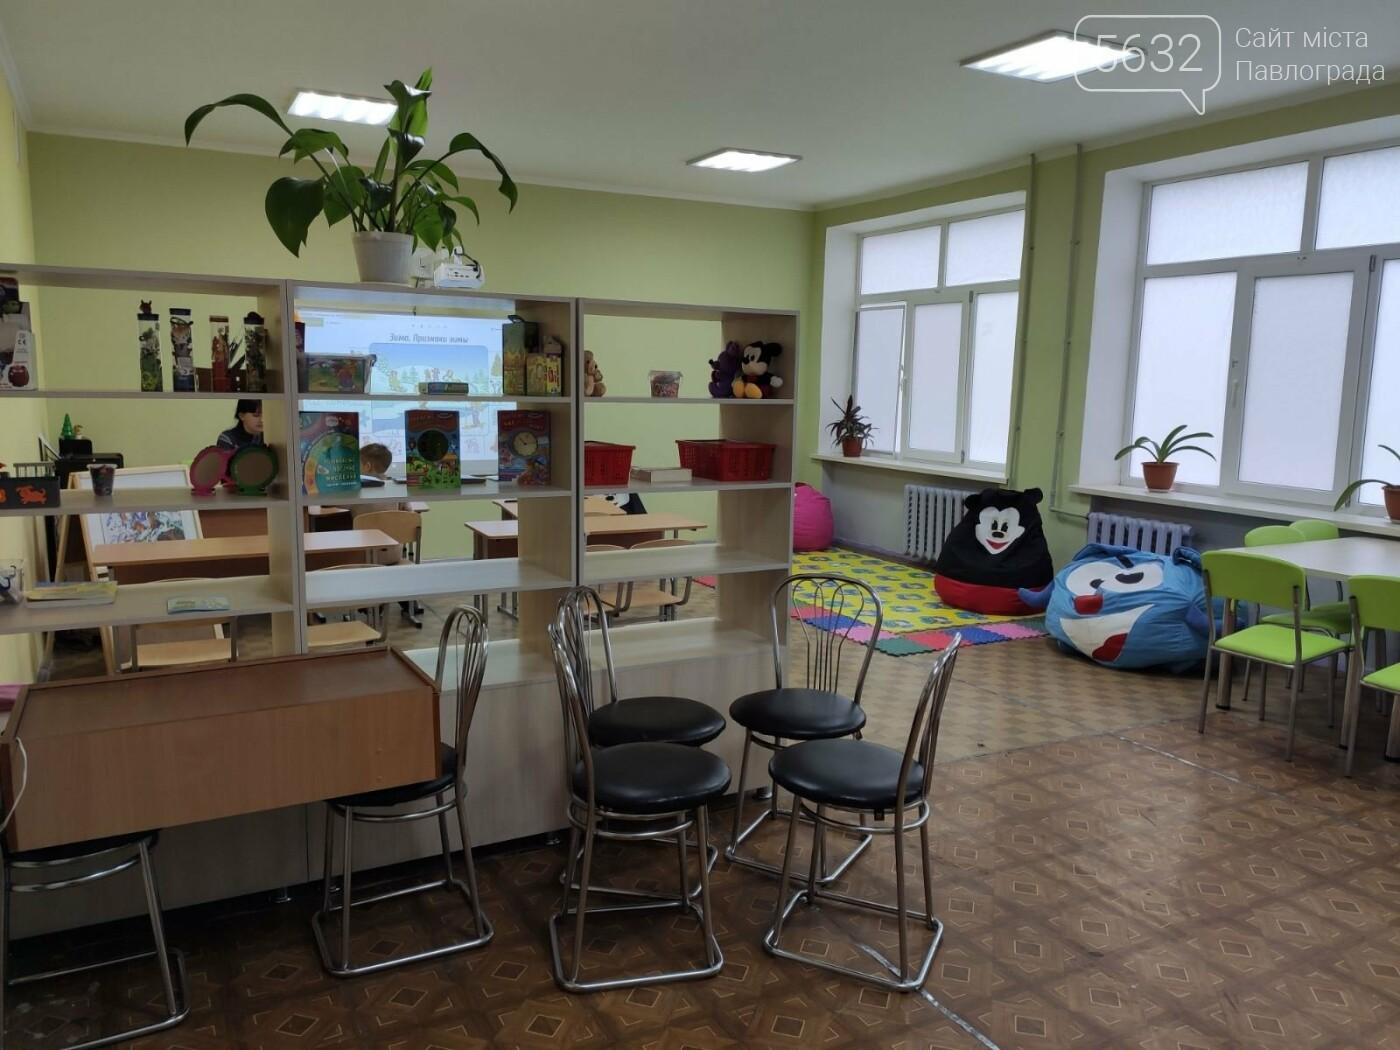 Общеобразовательная школа №11 г. Павлограда